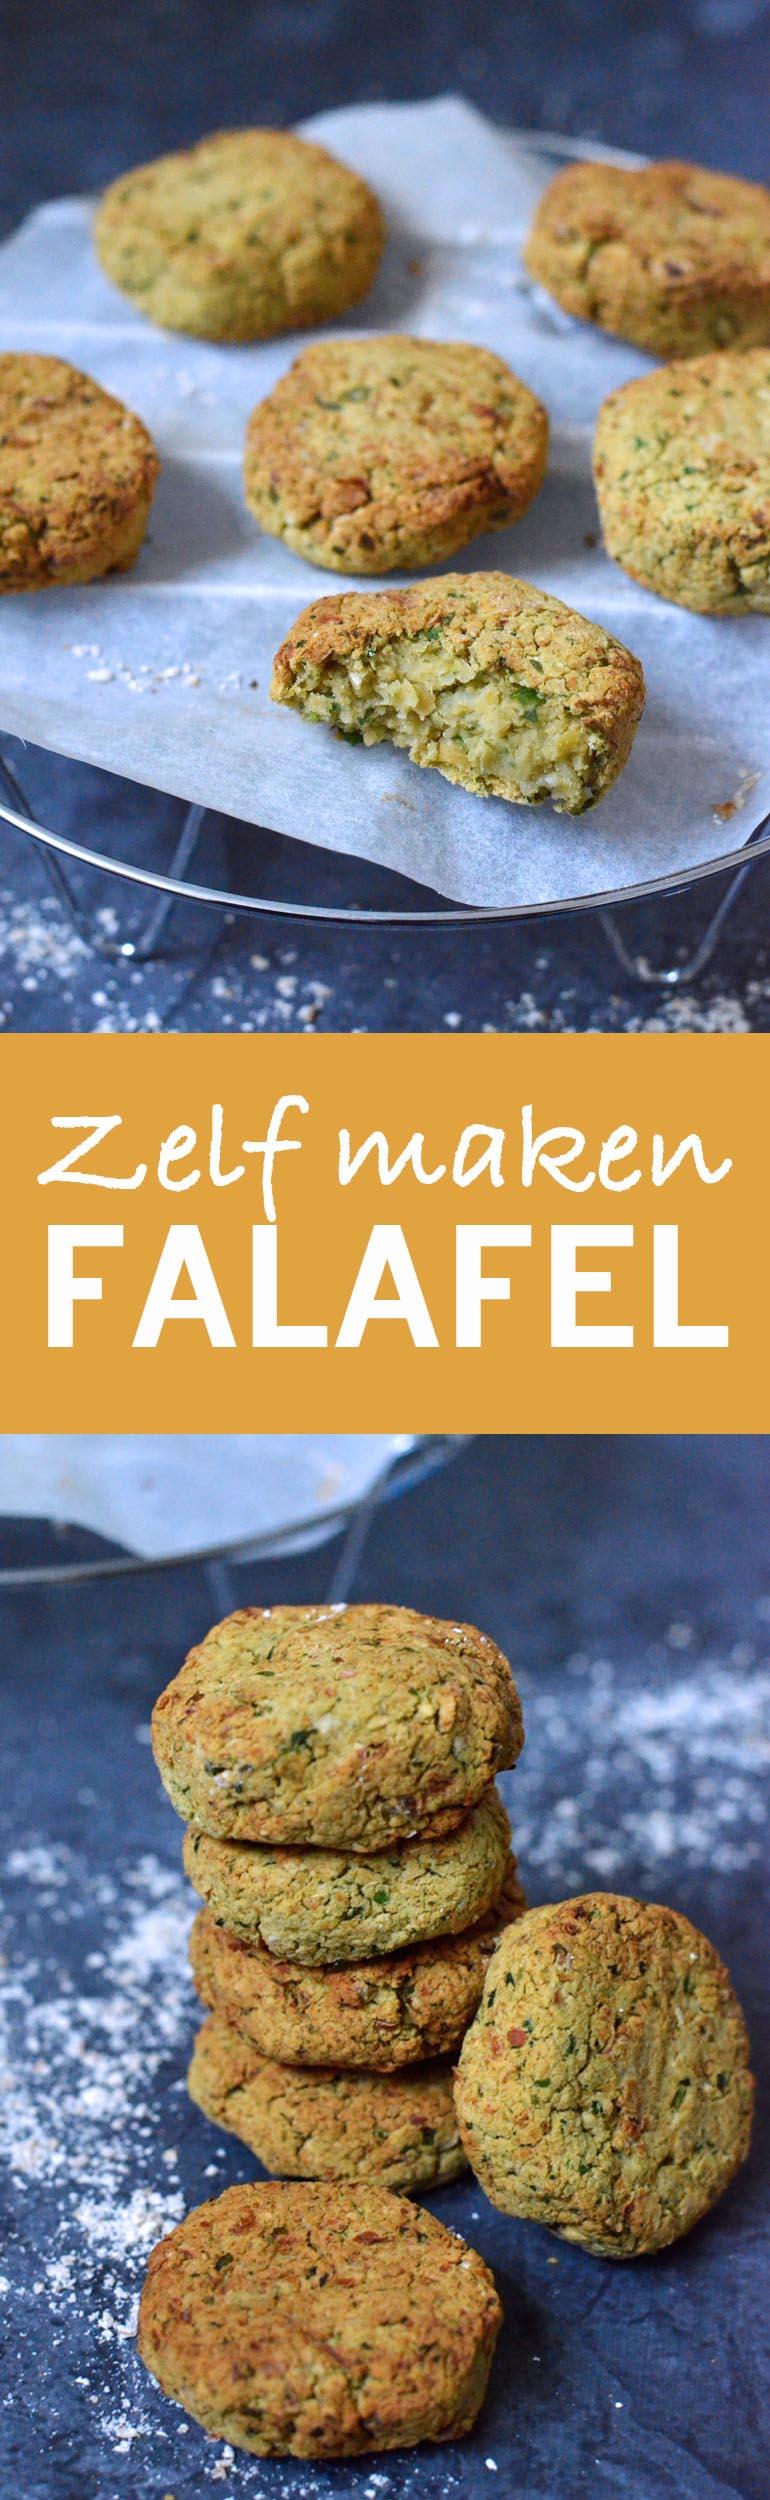 Zelf falafel maken is zo makkelijk en zo lekker! Probeer het ook!